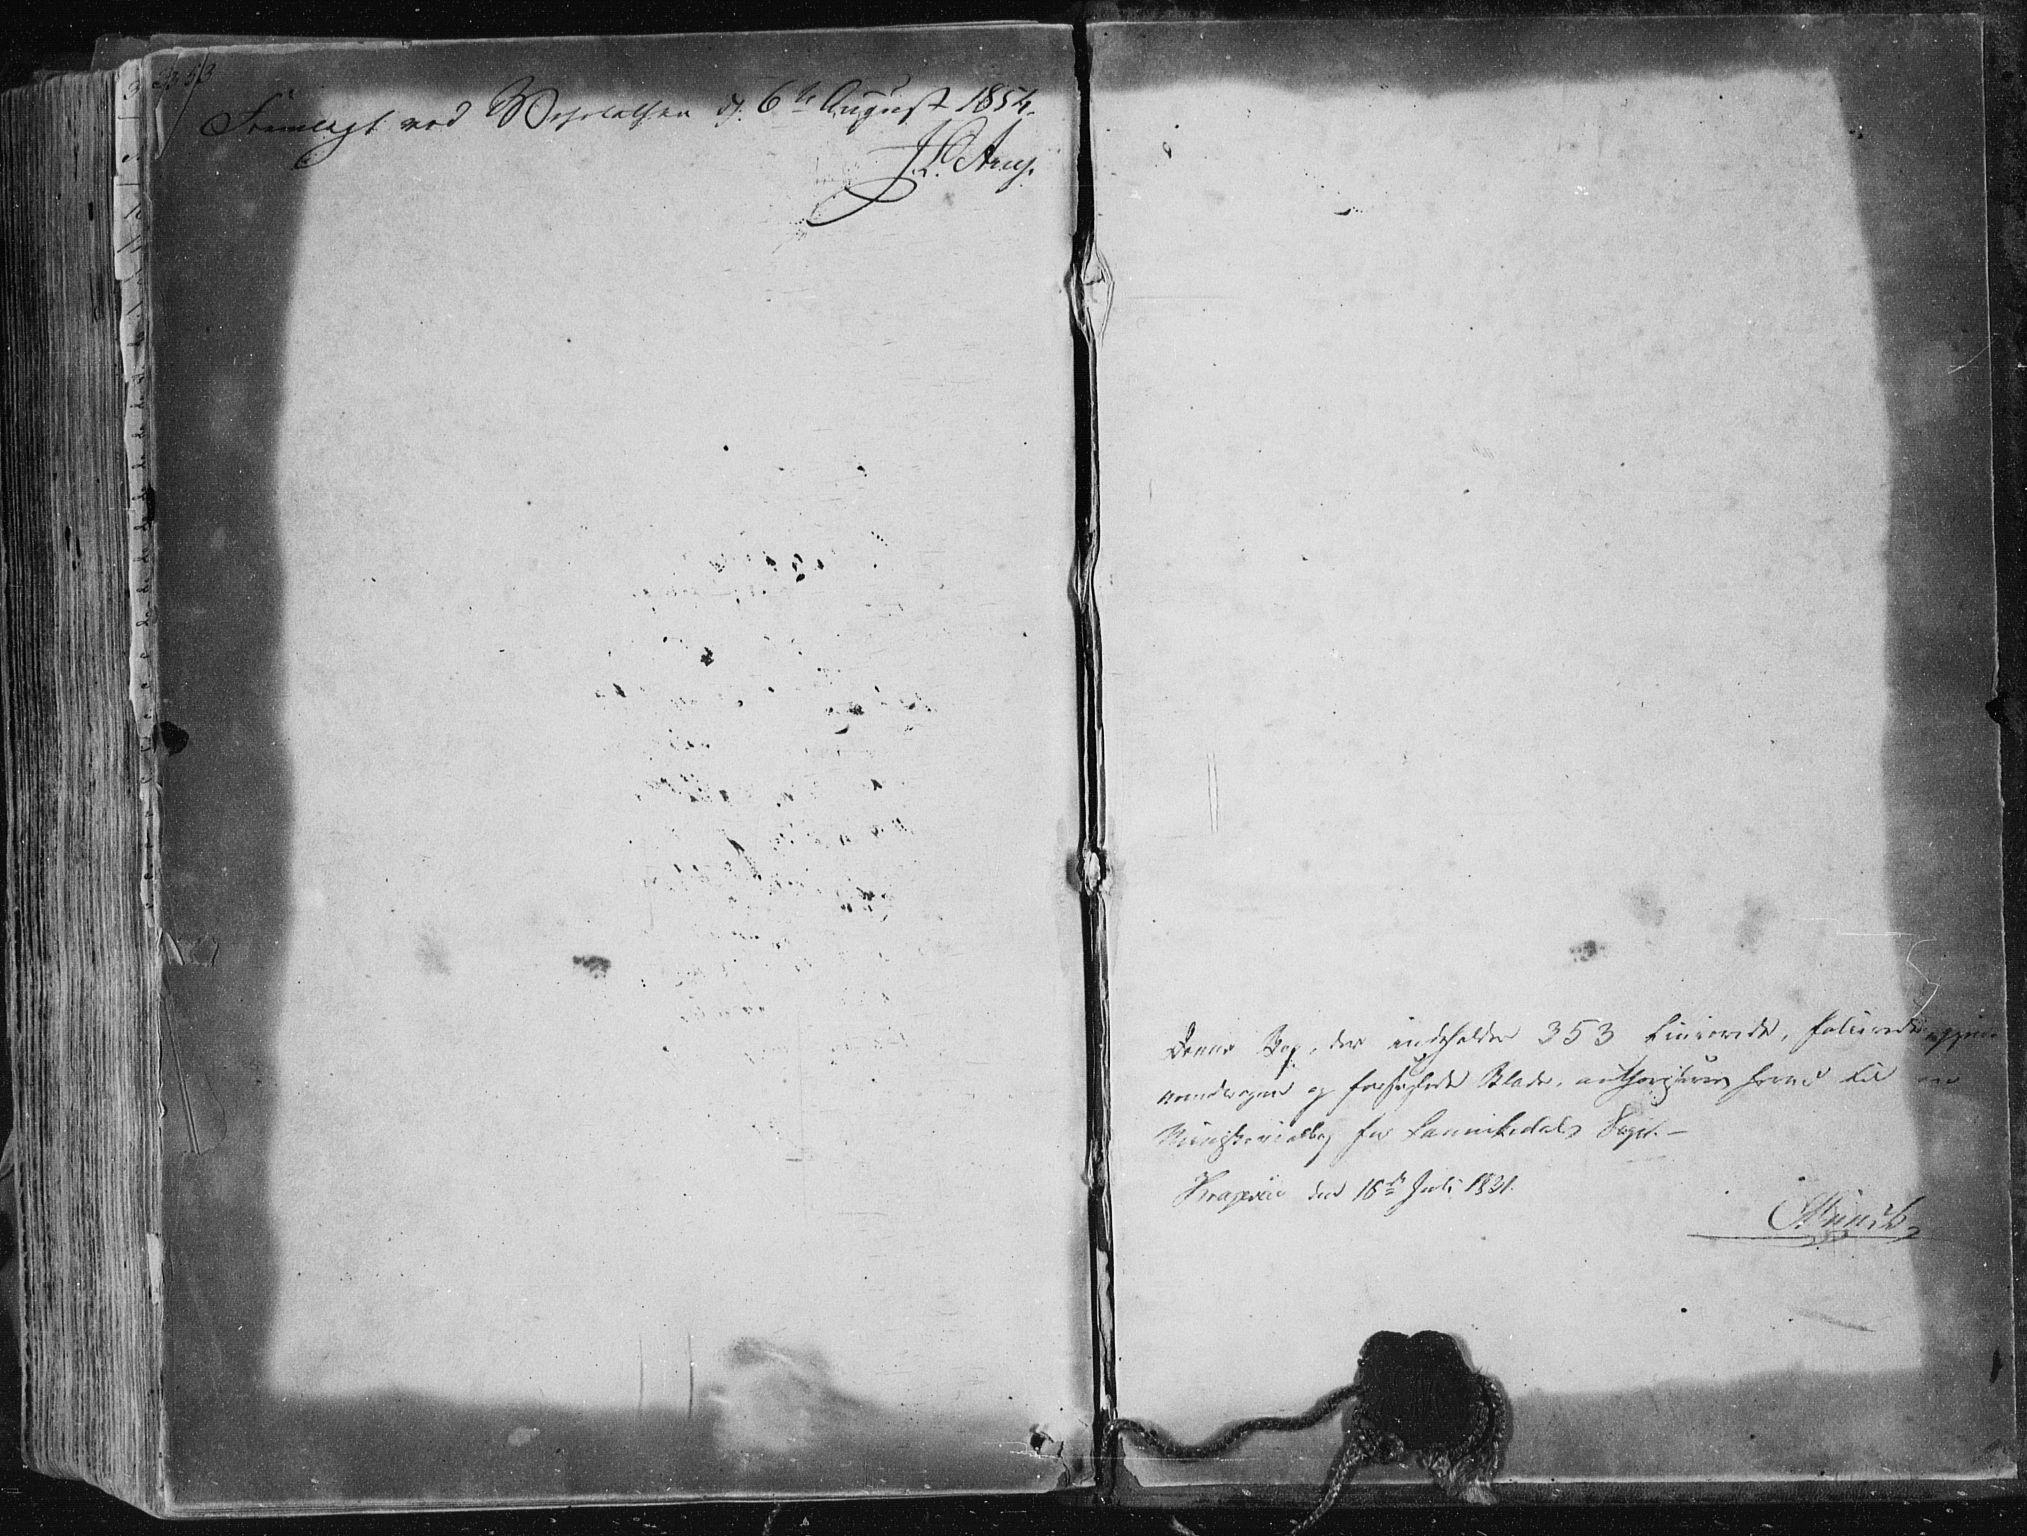 SAKO, Sannidal kirkebøker, F/Fa/L0007: Ministerialbok nr. 7, 1831-1854, s. 353